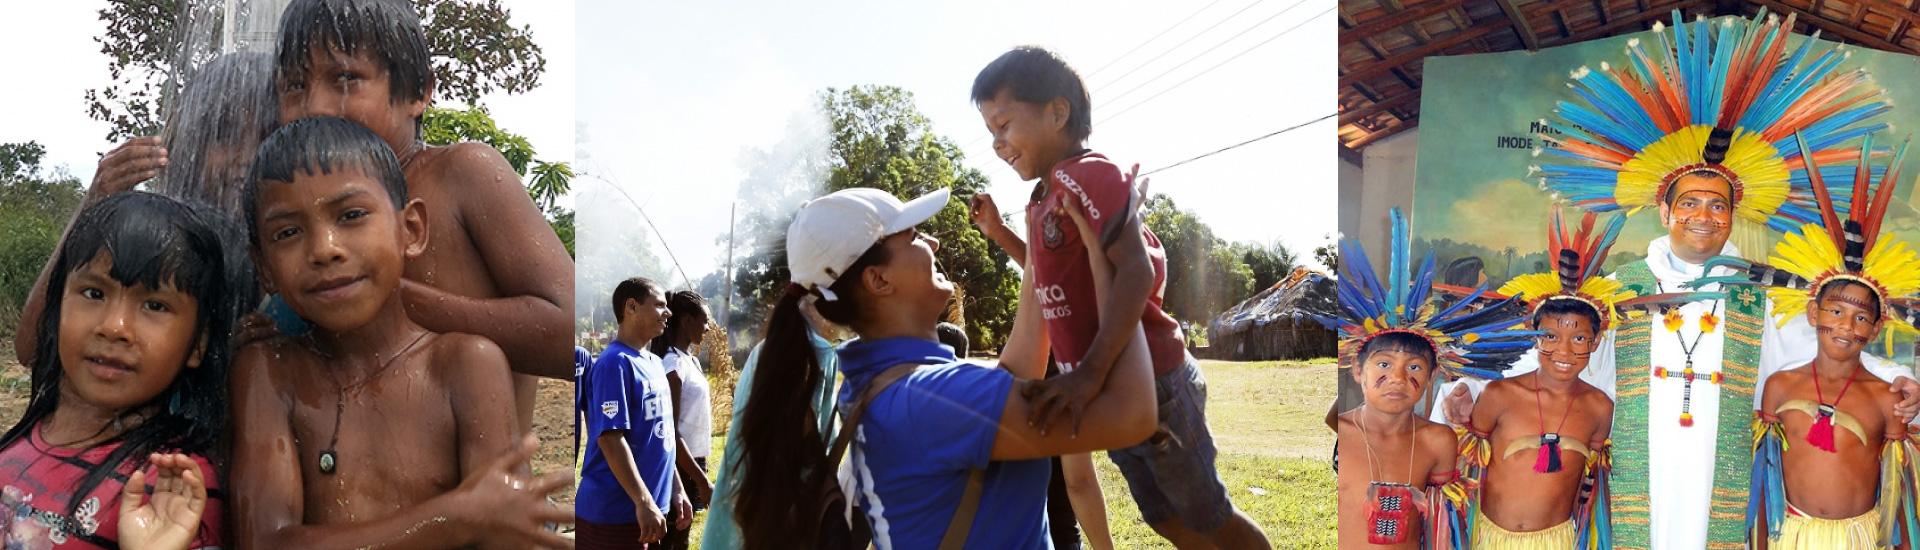 Proyecto solidario para llevar alimentos a los indígenas de Brasil